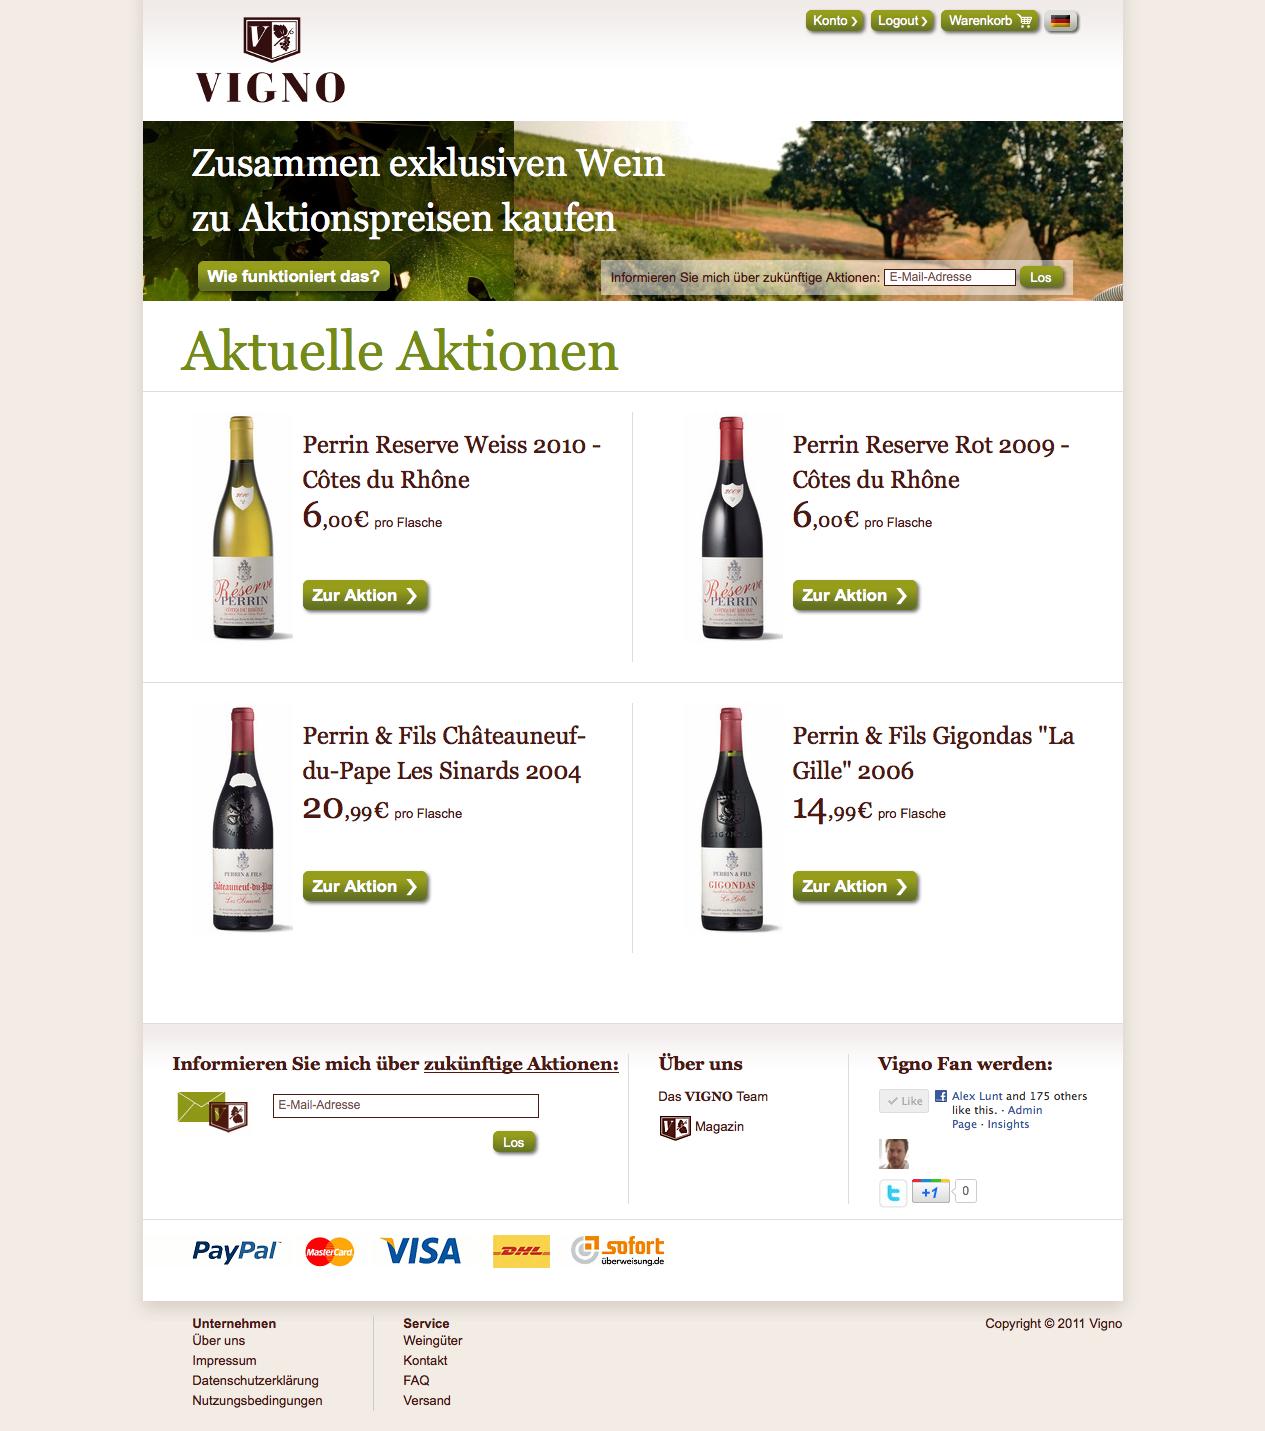 Vigno de Homepage - Das neue Start-up Vigno.de bietet wöchentliche Deals für exklusive Weine